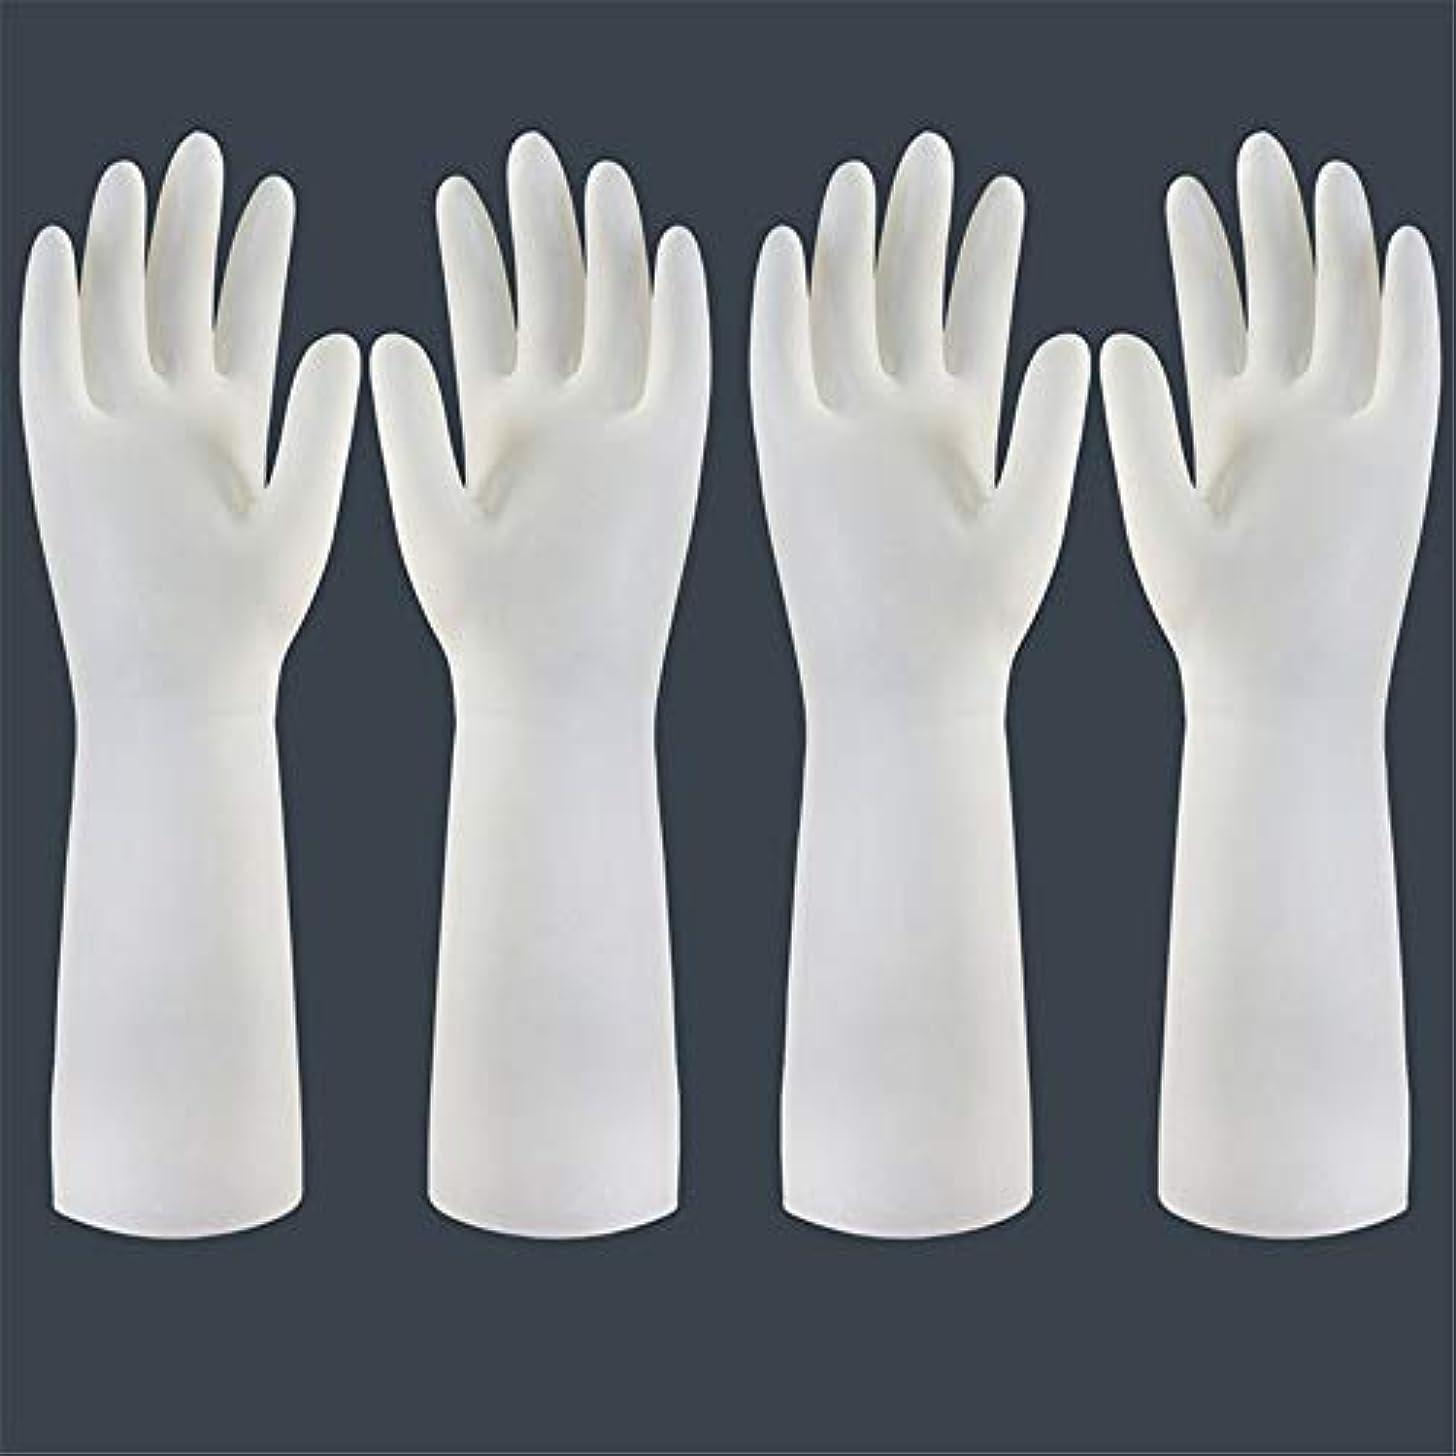 置き場厳しい作曲家使い捨て手袋 使い捨て手袋の防水および耐久のゴム製台所手袋、小/中/大 ニトリルゴム手袋 (Color : Long-2 pair, Size : S)